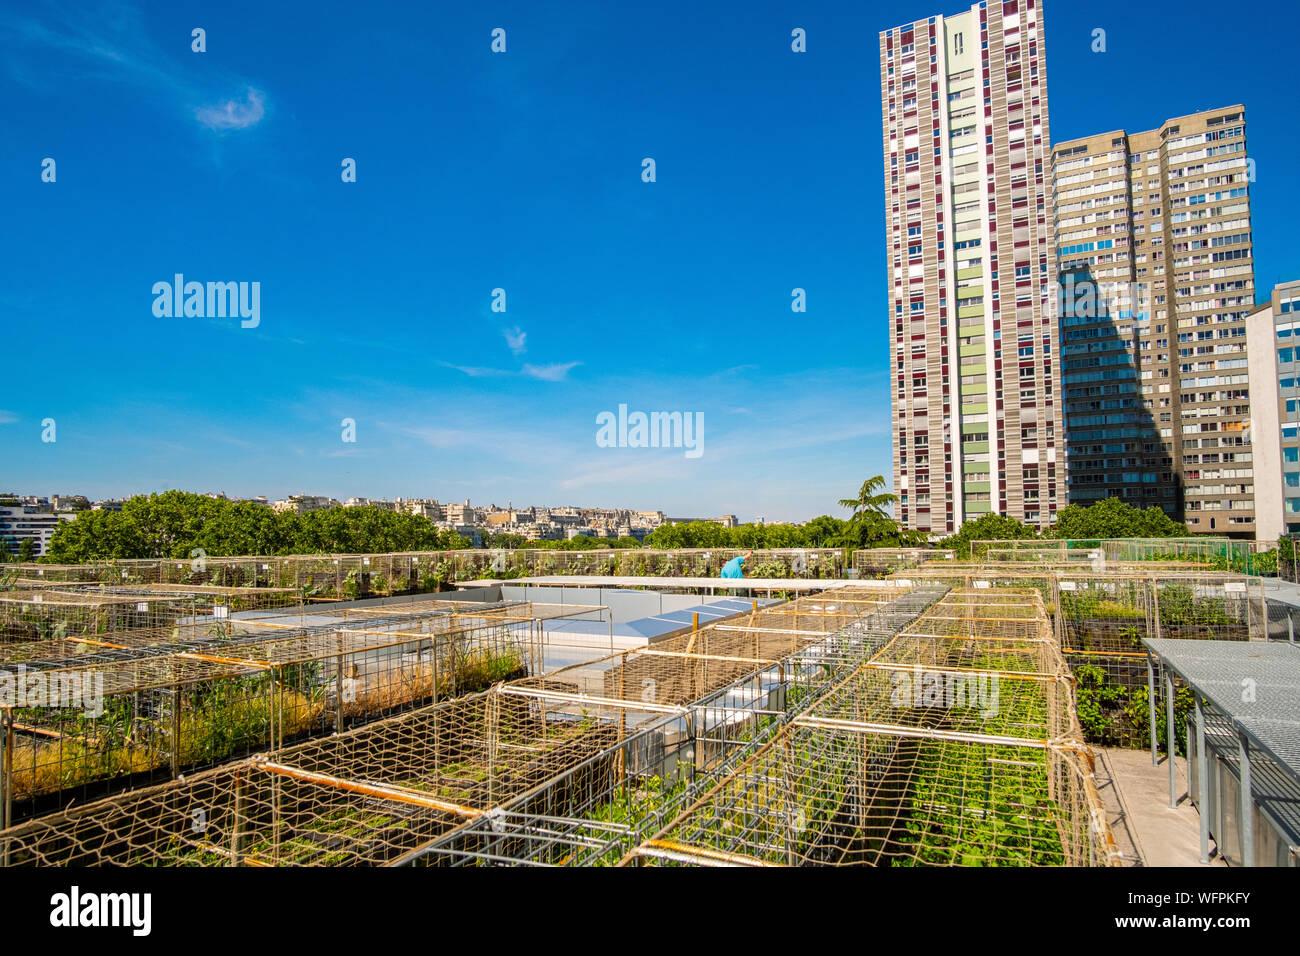 France, Paris, les agriculteurs urbains Pois et l'amour, un nouveau concept de jardin cuisine sur le toit des bâtiments, ici sur l'hôtel Yooma du Front de Seine Banque D'Images